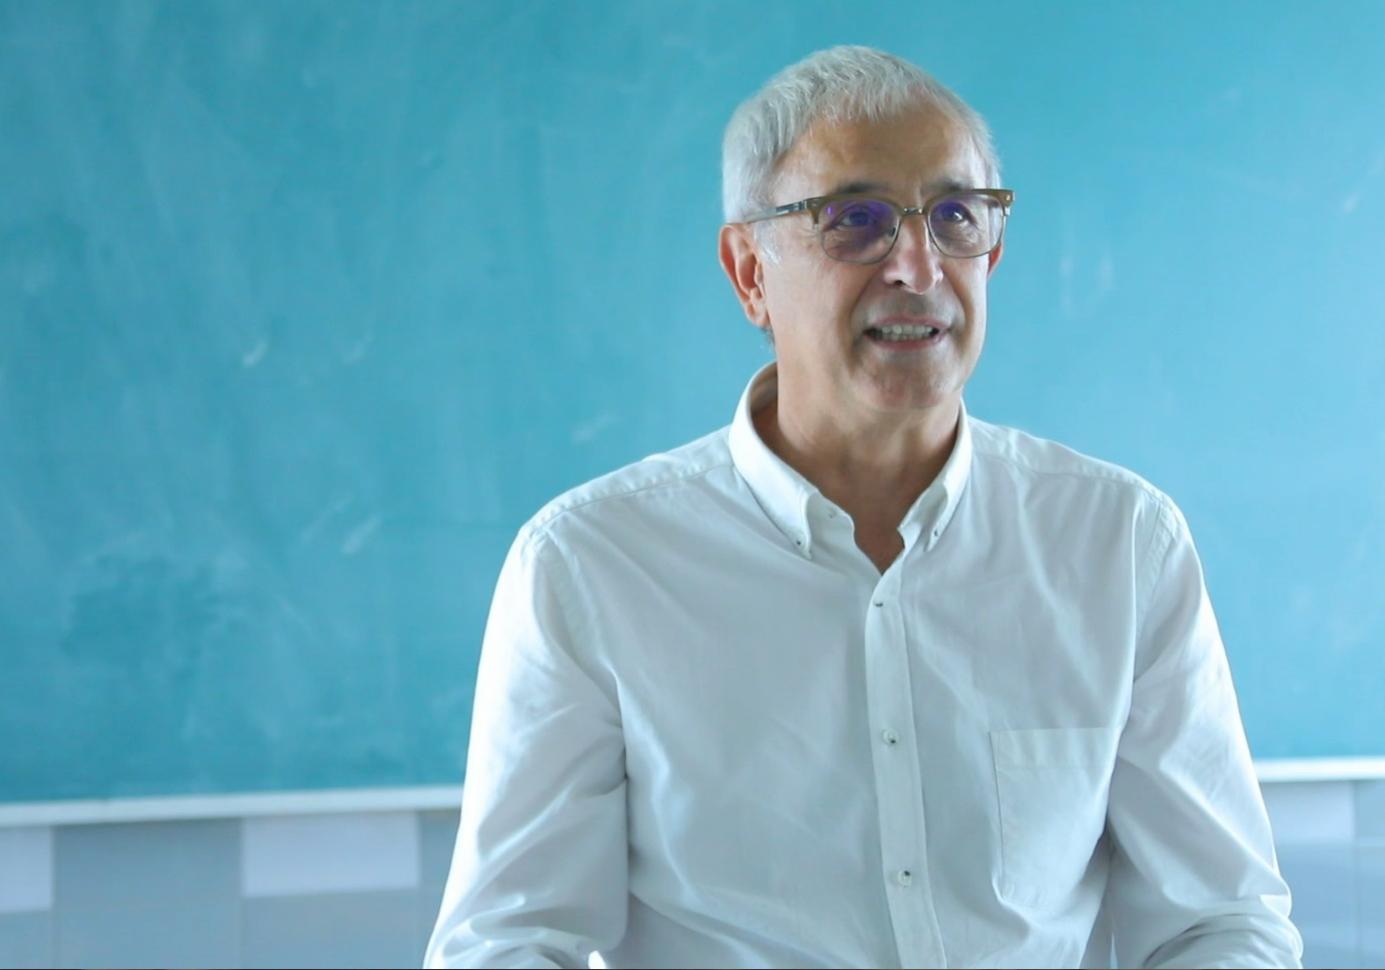 Mor Sergio Pomar, l'empresari compromés amb el territori El Periòdic d'Ontinyent - Noticies a Ontinyent